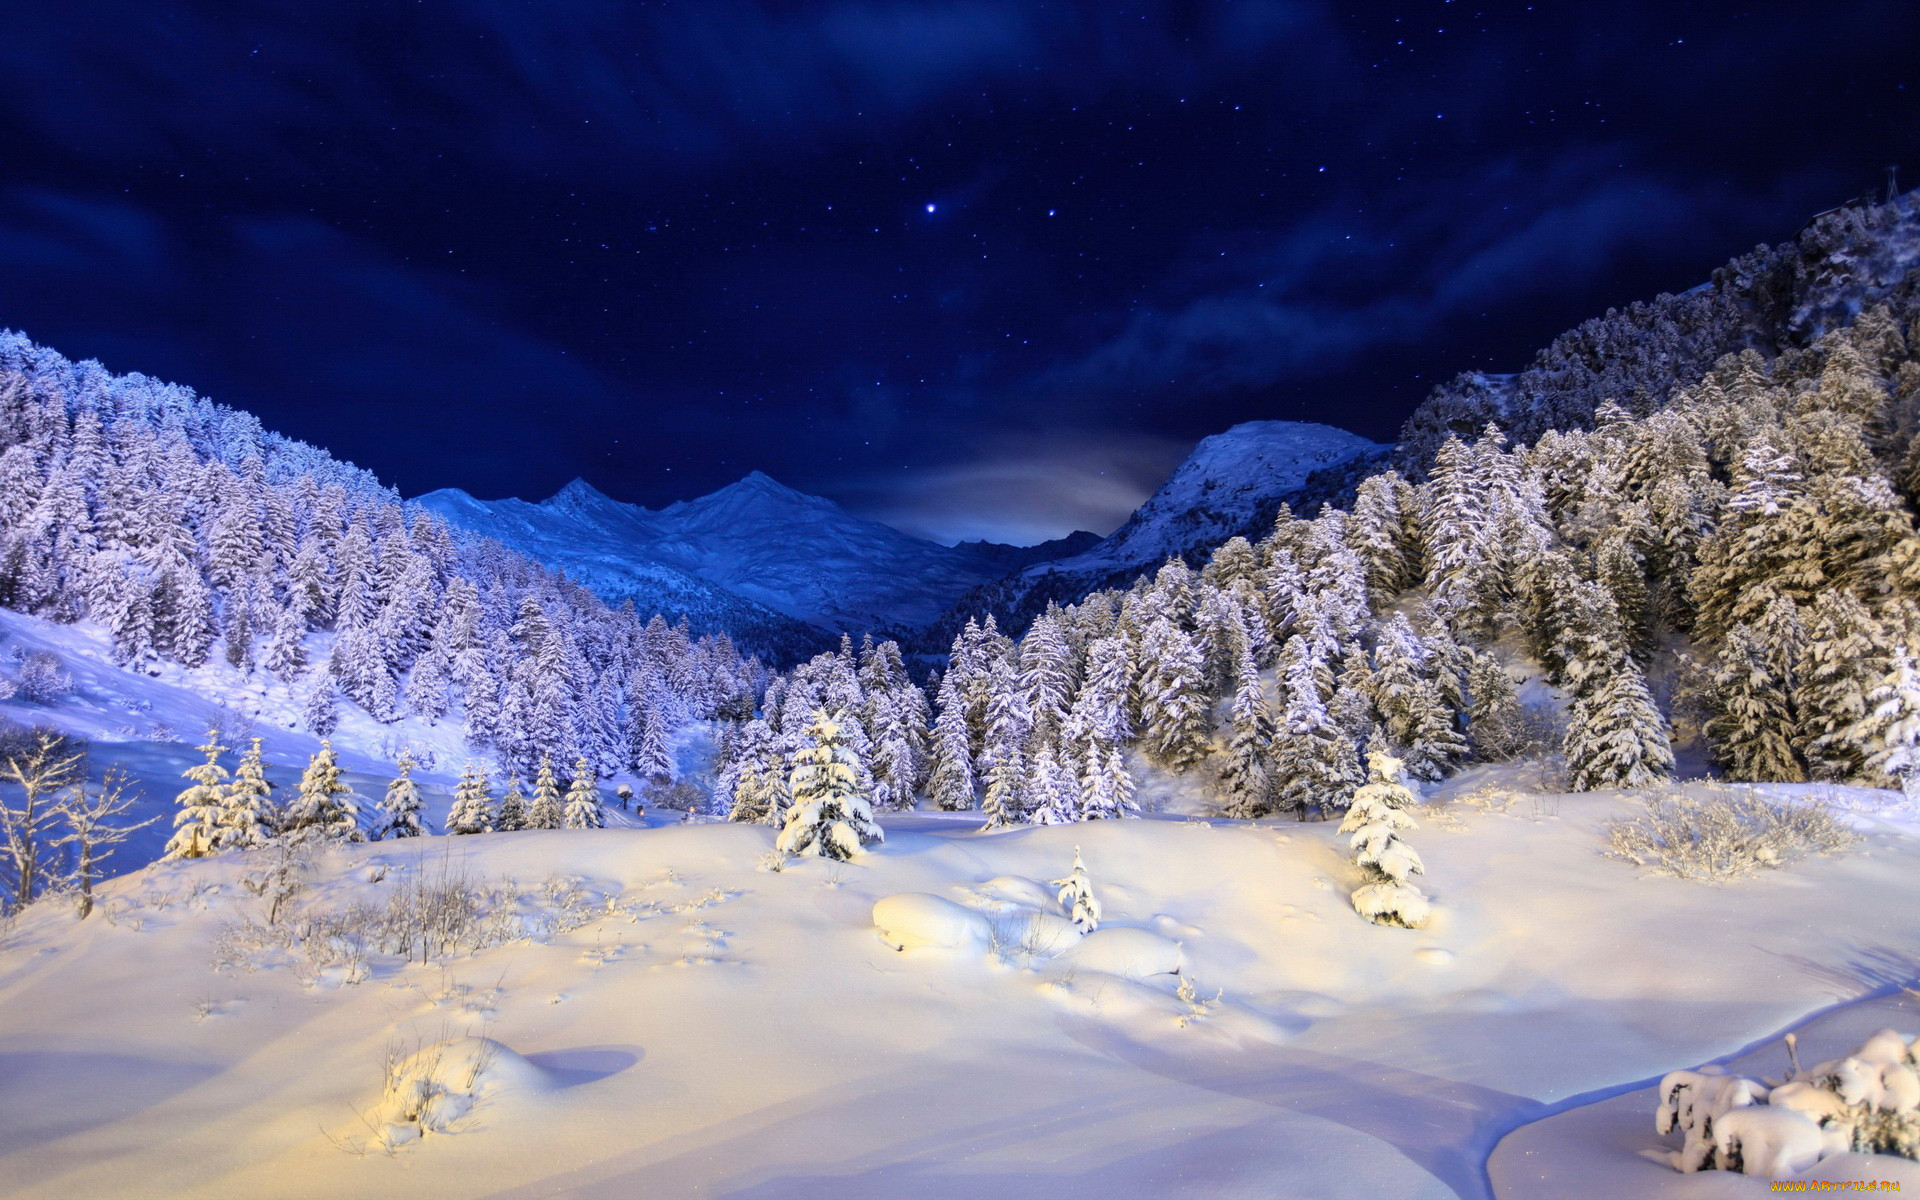 снежные пейзажи фото наш магазин обязывает